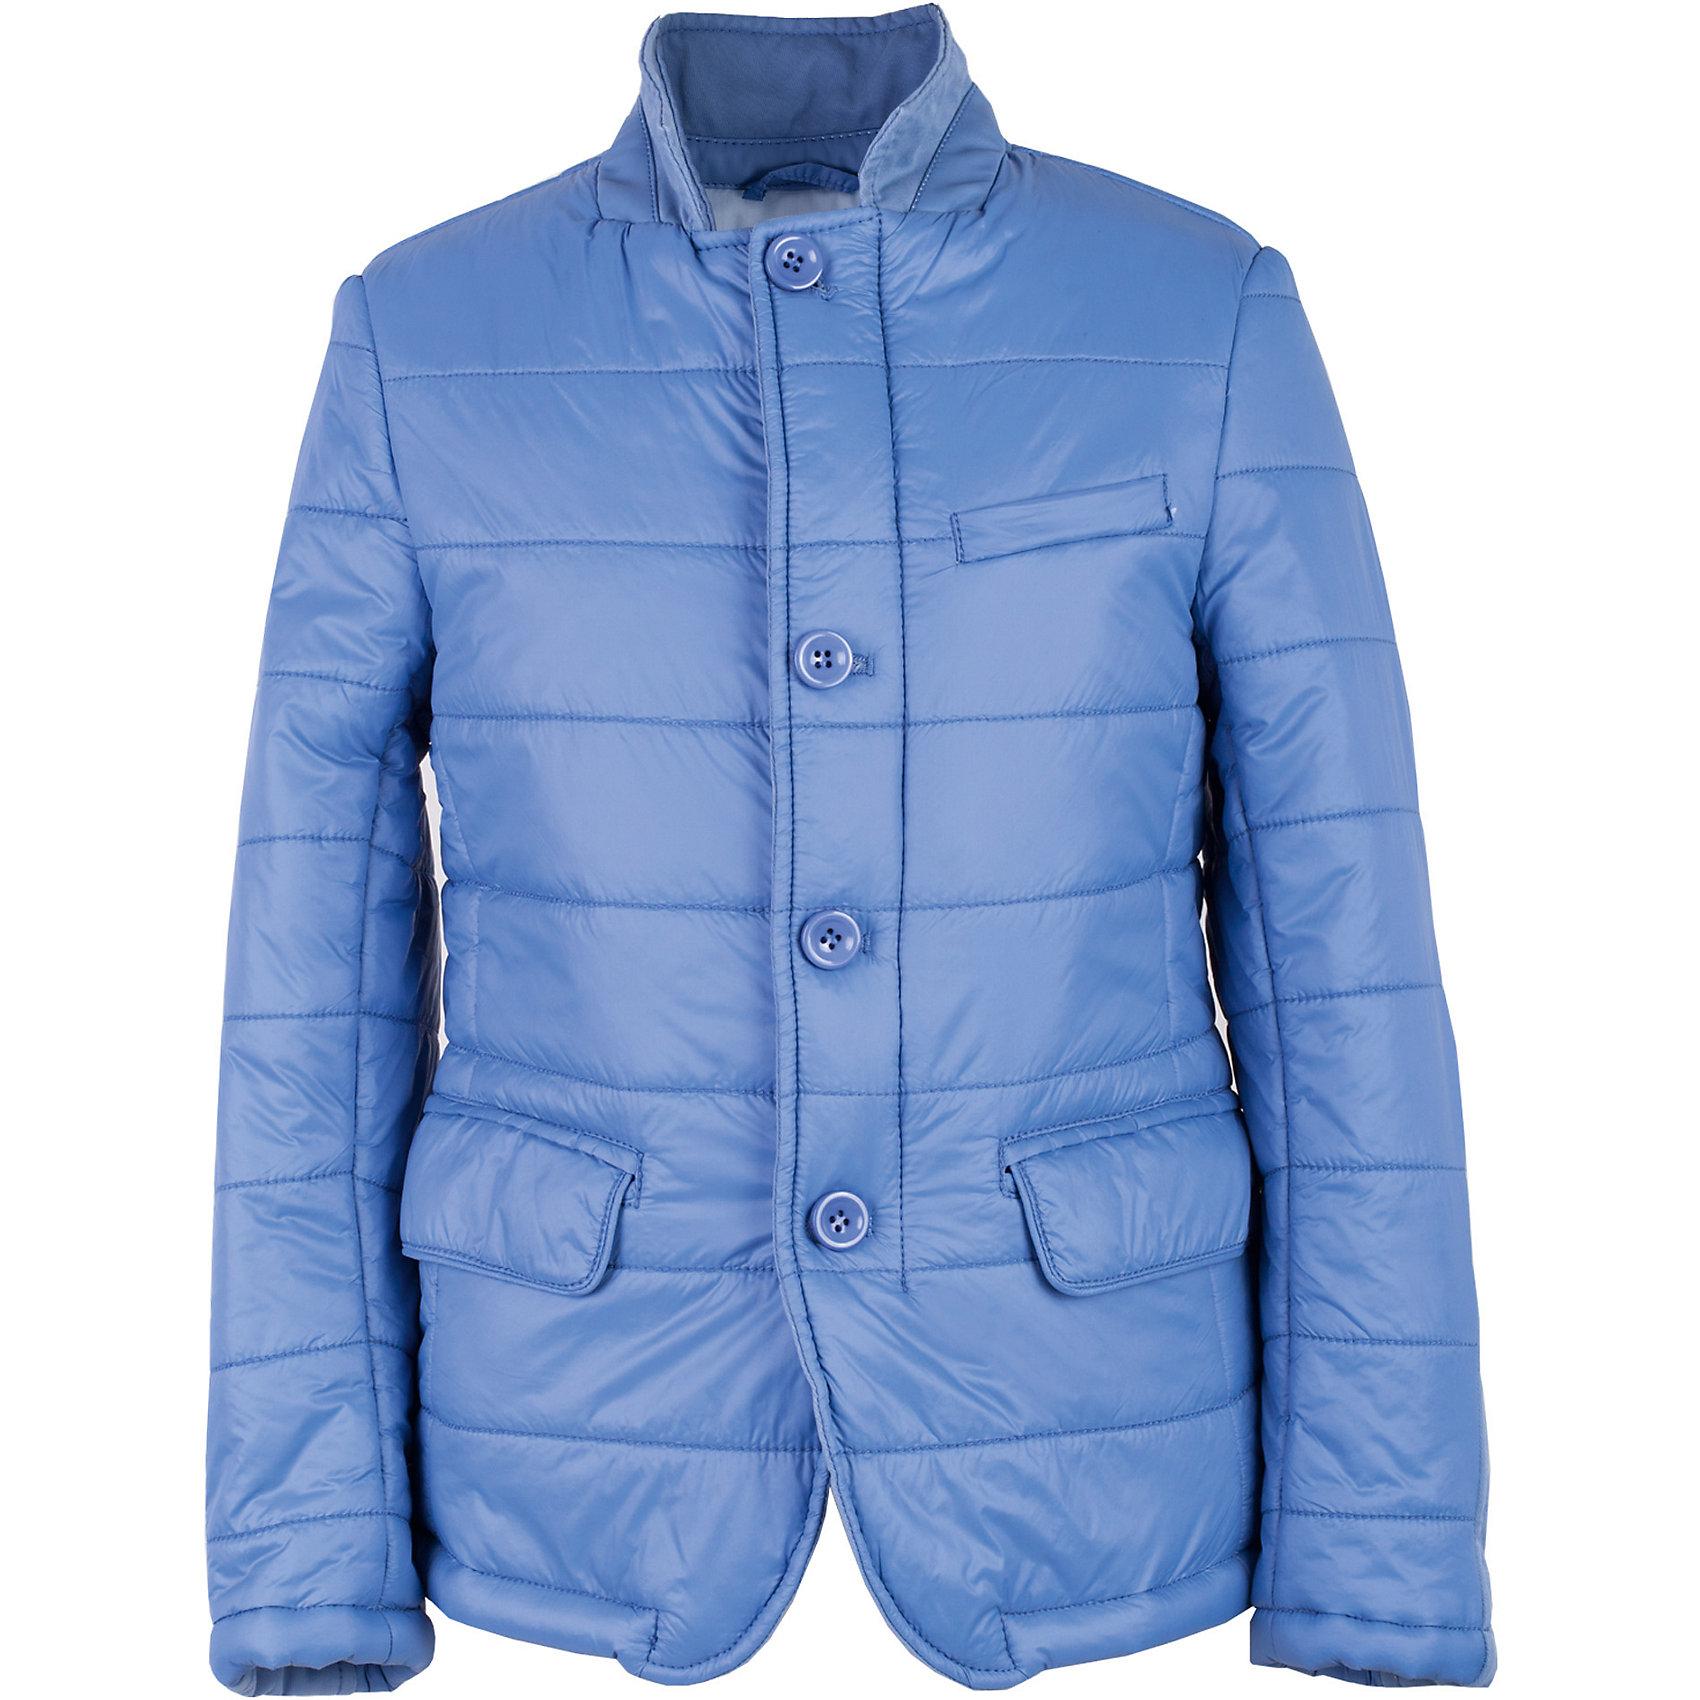 Куртка для мальчика GulliverДемисезонные куртки<br>Купить куртку - такую задачу ставят перед собой мамы мальчиков, отправляясь на весенний шопинг. Хорошая утепленная куртка для мальчика - вещь совершенно необходимая! Неустойчивая мартовская погода требует одеться не менее основательно, чем зимой, но весеннее настроение требует быть обновленным, стильным, современным! Модная стеганая куртка - именно то, что вам нужно! Она выглядит интересно, солидно, достойно, придавая весеннему образу ребенка особую элегантность. При этом, куртка удобна, не стесняет движений и позволяет мальчику быть самим собой, т.к. очень практична и комфортна. Изюминка модели в текстильной отделке, создающей игру фактур.<br>Состав:<br>верх:    100% нейлон; подкладка:  50% хлопок  50% полиэстер; утеплитель: 100% полиэстер<br><br>Ширина мм: 356<br>Глубина мм: 10<br>Высота мм: 245<br>Вес г: 519<br>Цвет: голубой<br>Возраст от месяцев: 72<br>Возраст до месяцев: 84<br>Пол: Мужской<br>Возраст: Детский<br>Размер: 122,140,128,134<br>SKU: 5482952